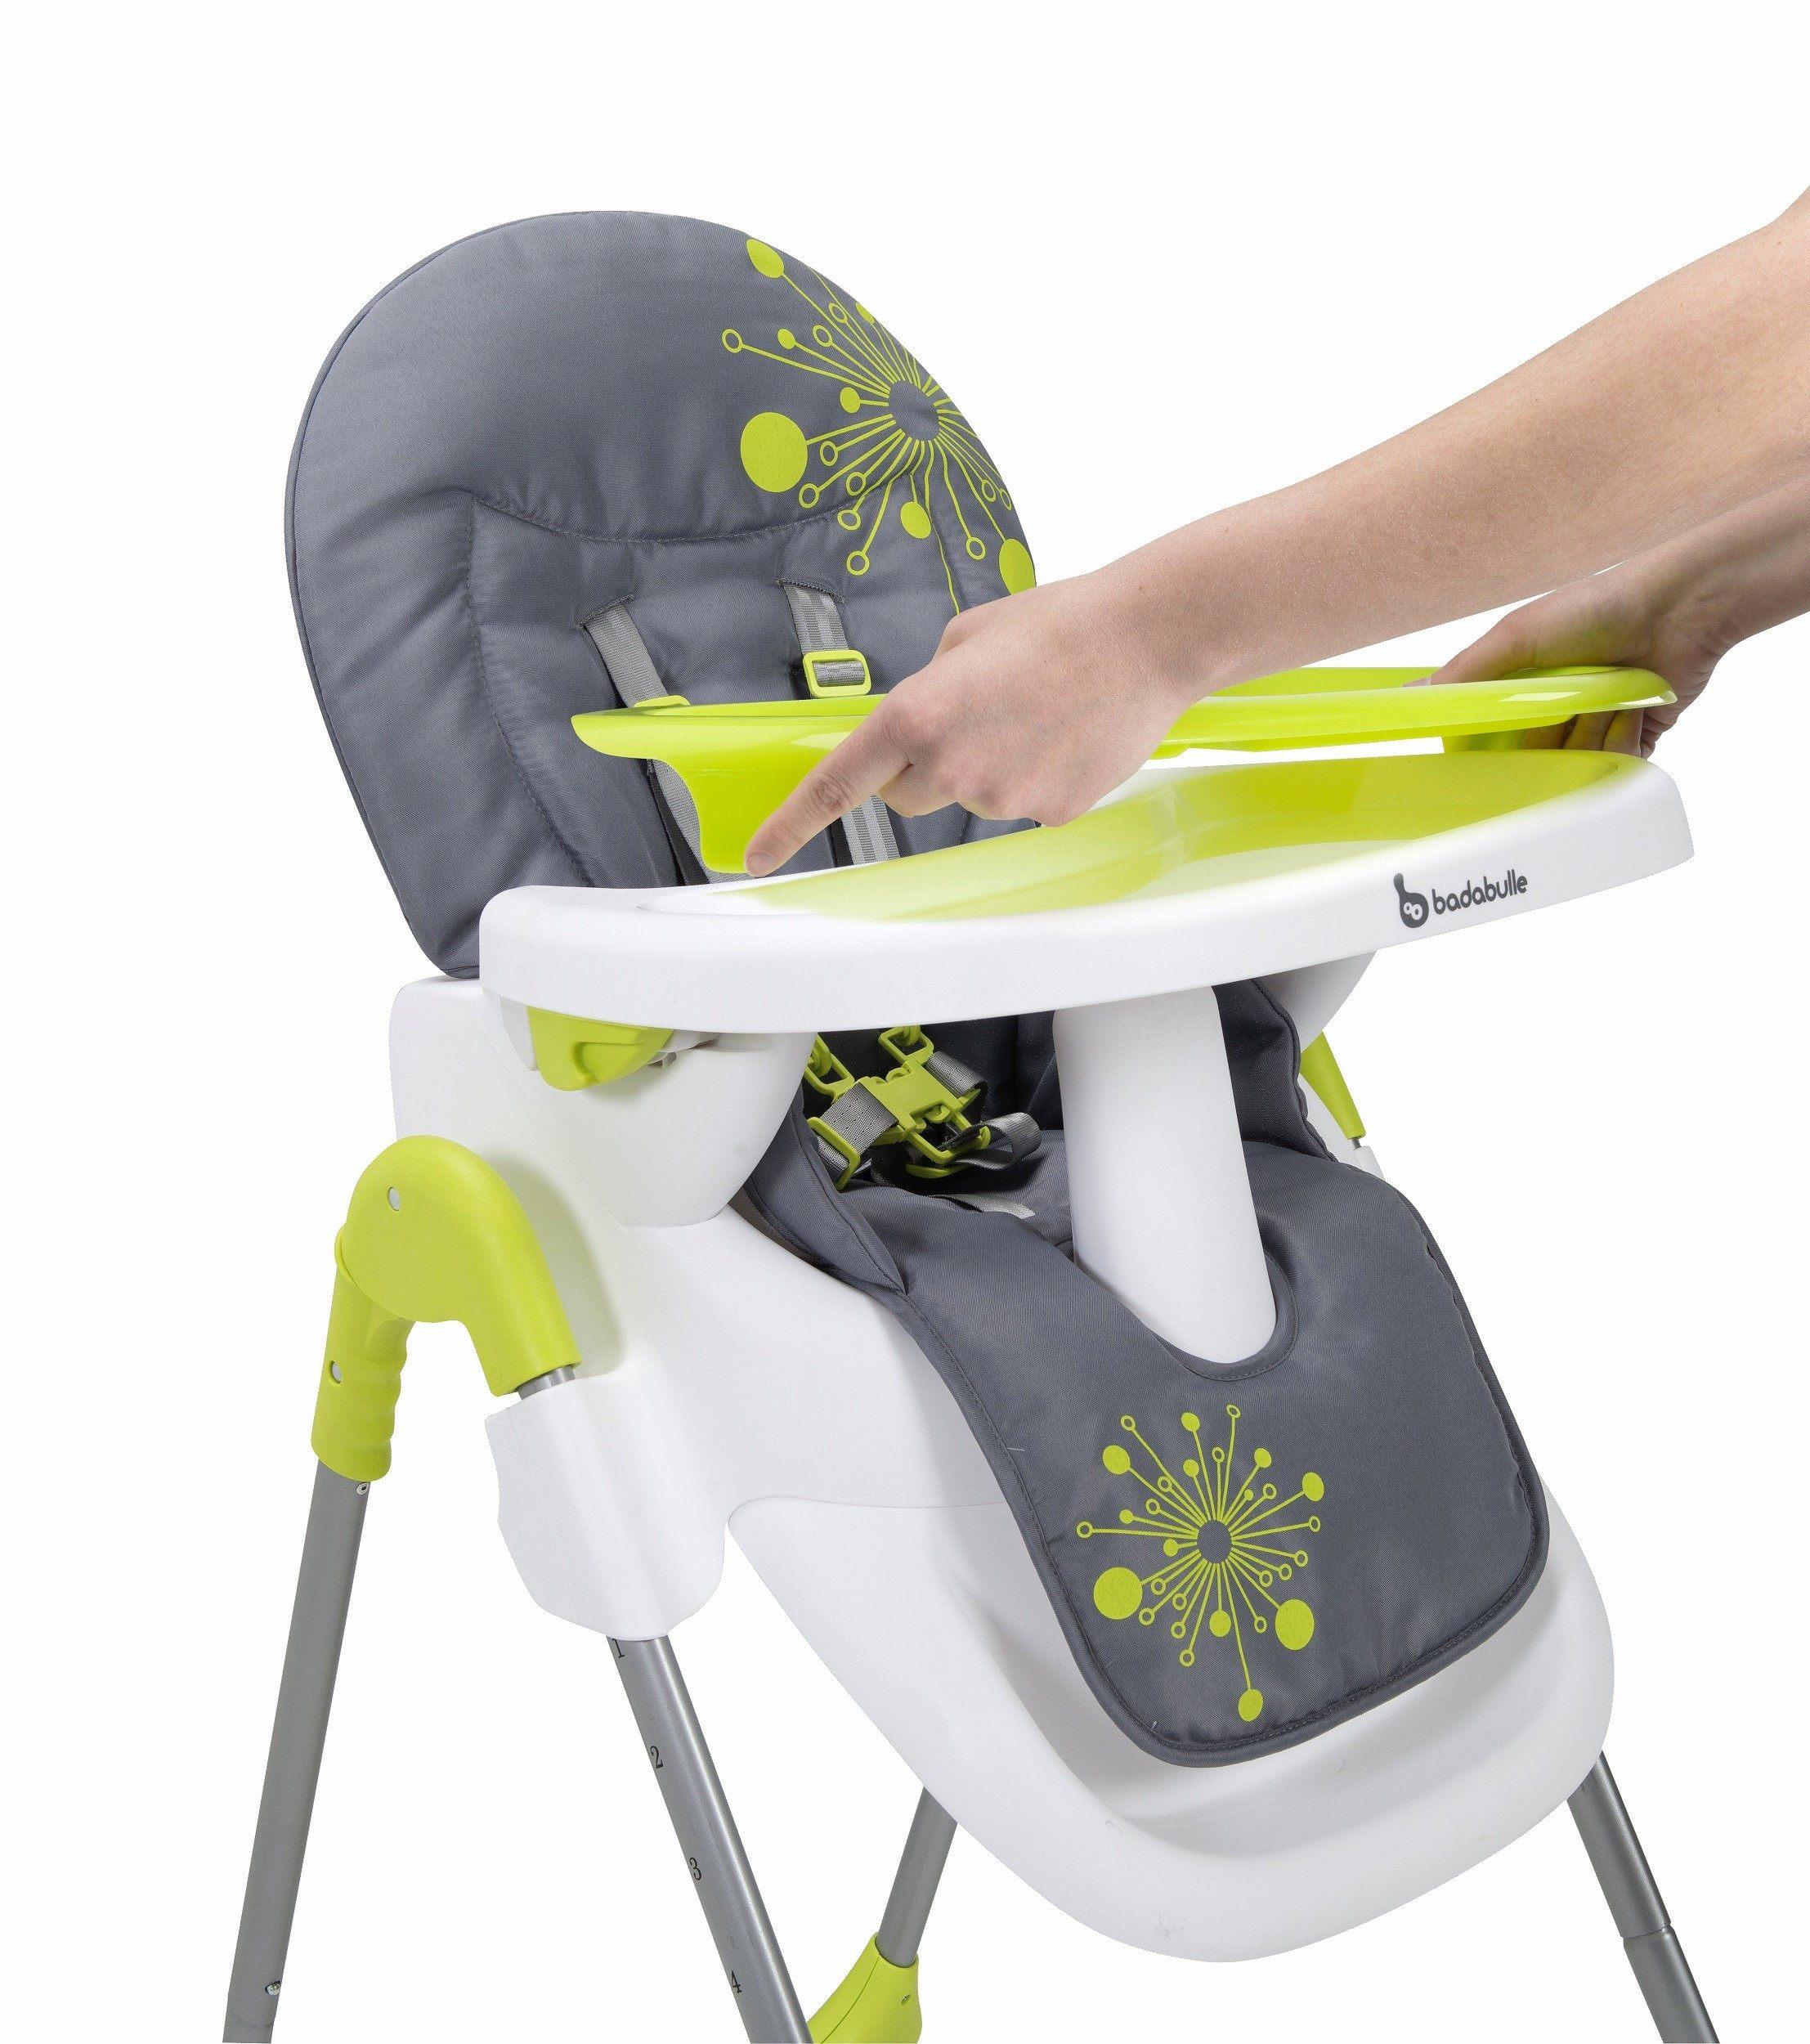 Lit Bébé Ovale Inspiré Baignoire Bébé Babymoov Baignoire Pour Bebe Frais Parc B C3 A9b C3